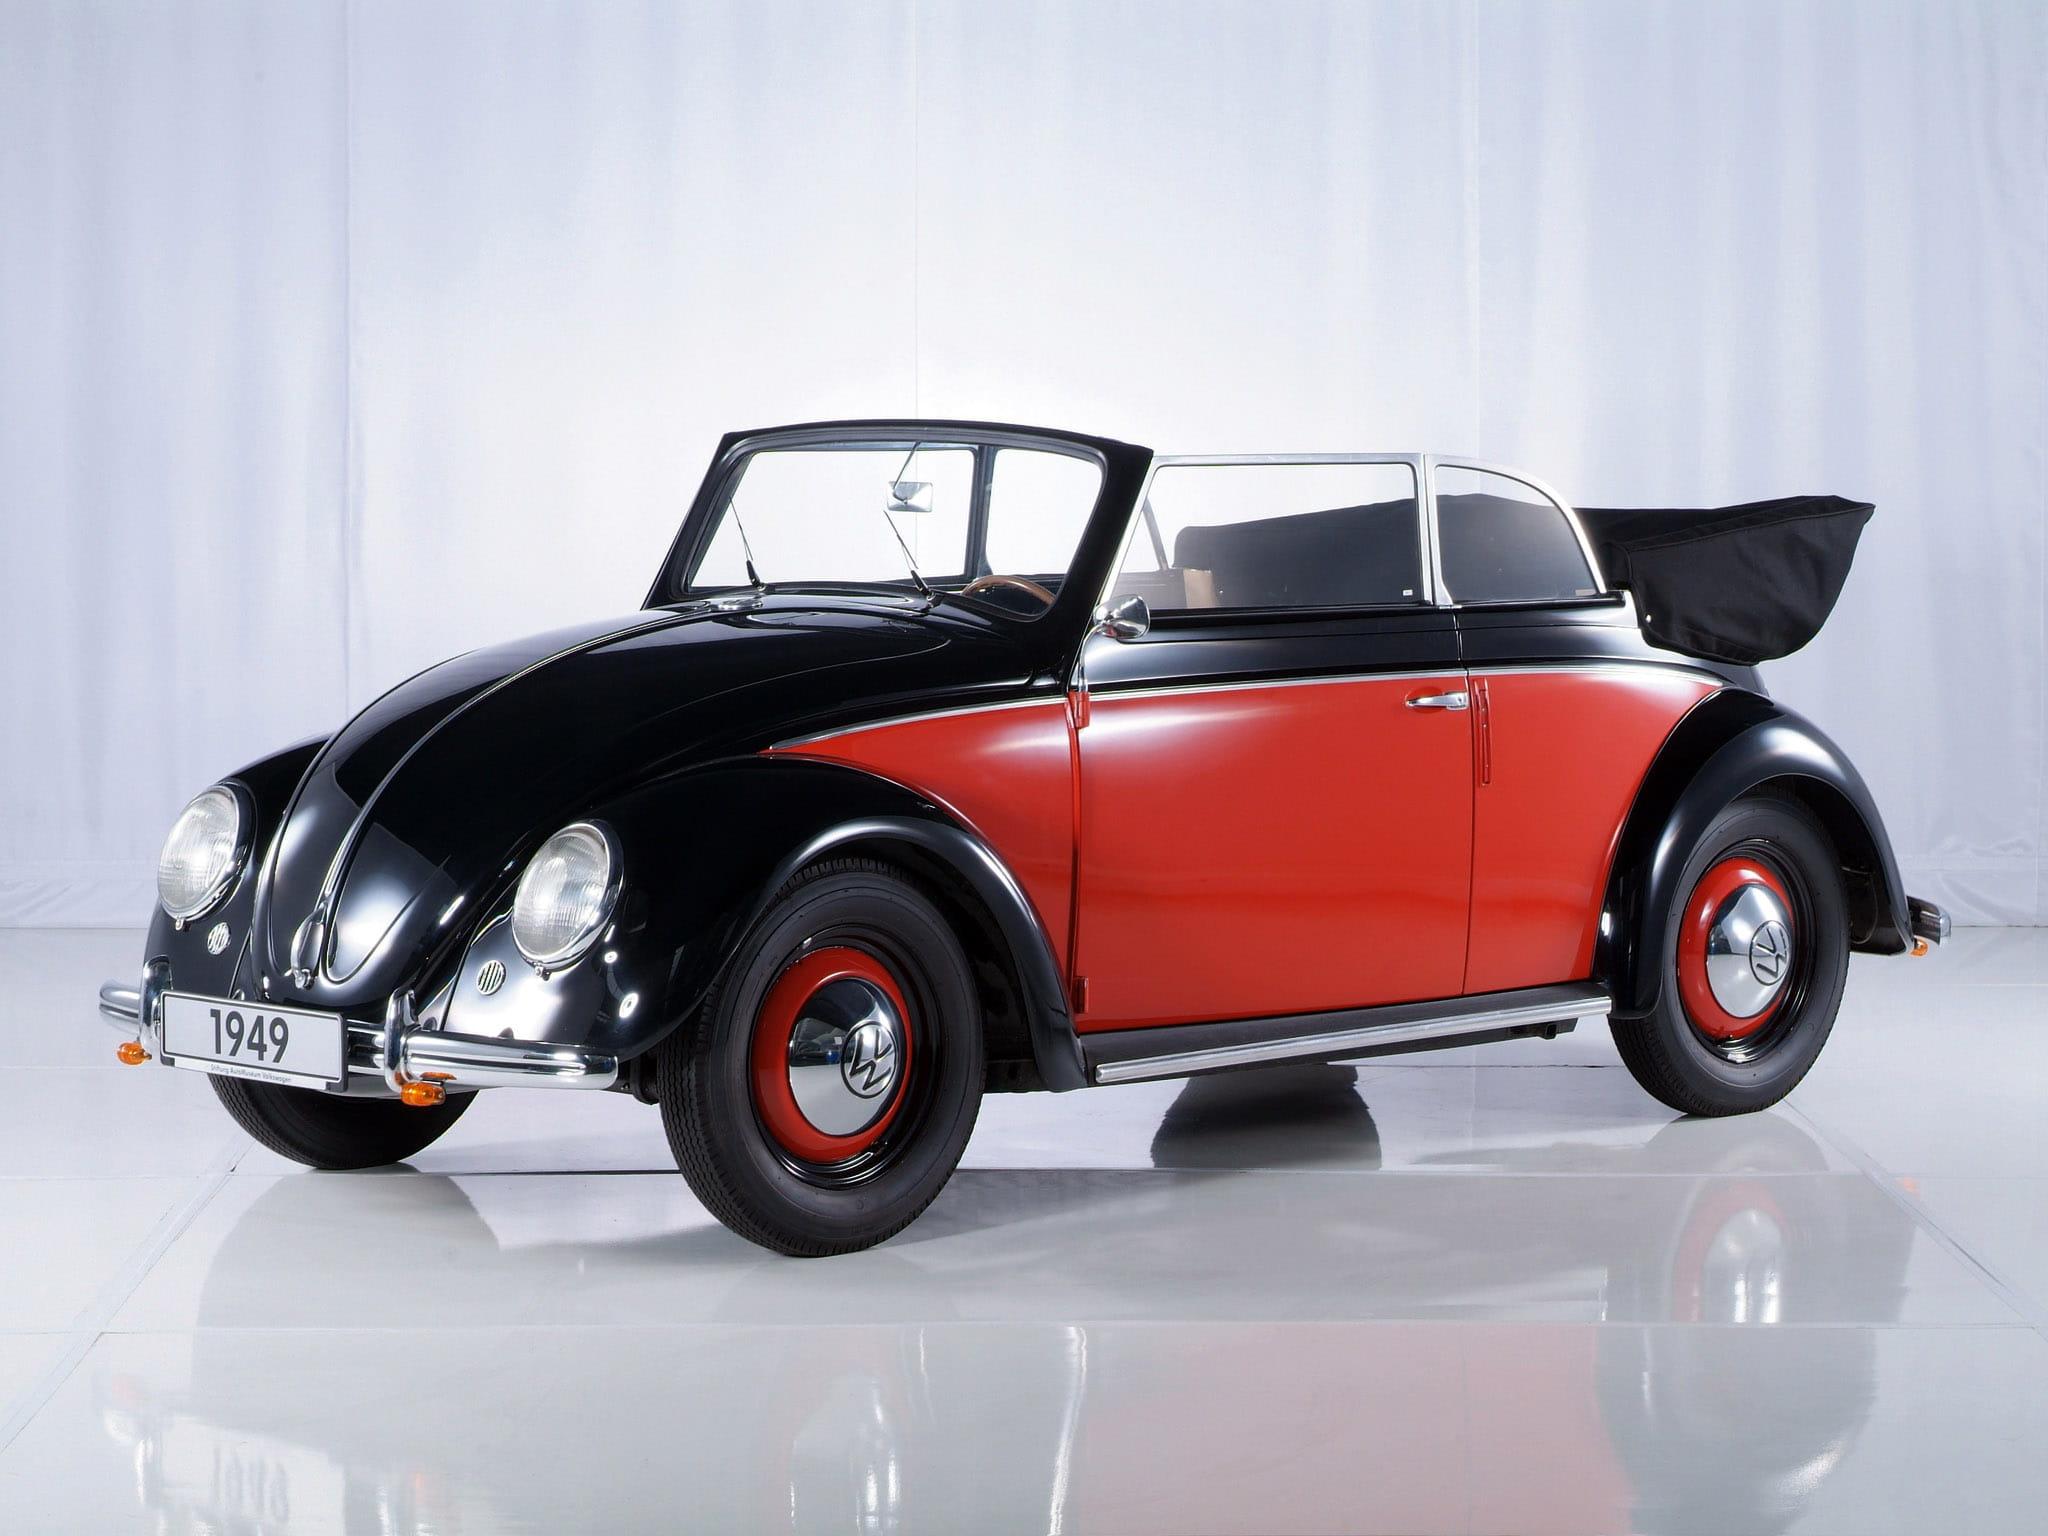 volkswagen coccinelle cabriolet les cabriolets les plus marquants de l 39 histoire automobile. Black Bedroom Furniture Sets. Home Design Ideas